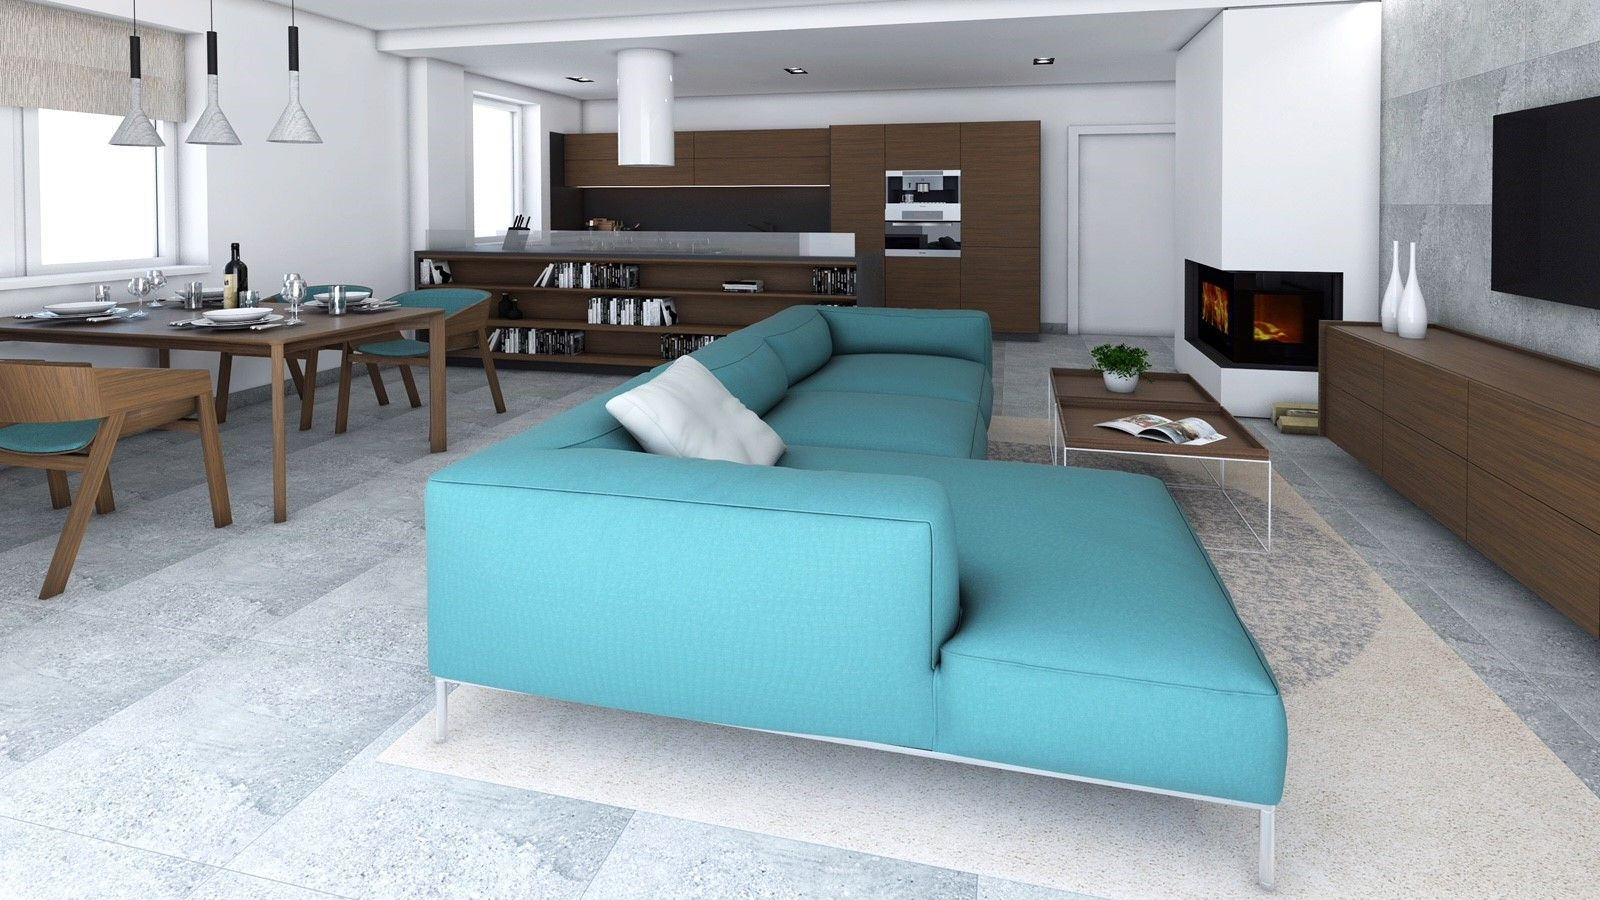 4-izbový byt-Predaj-Bratislava - mestská časť Rača-304000.00 €